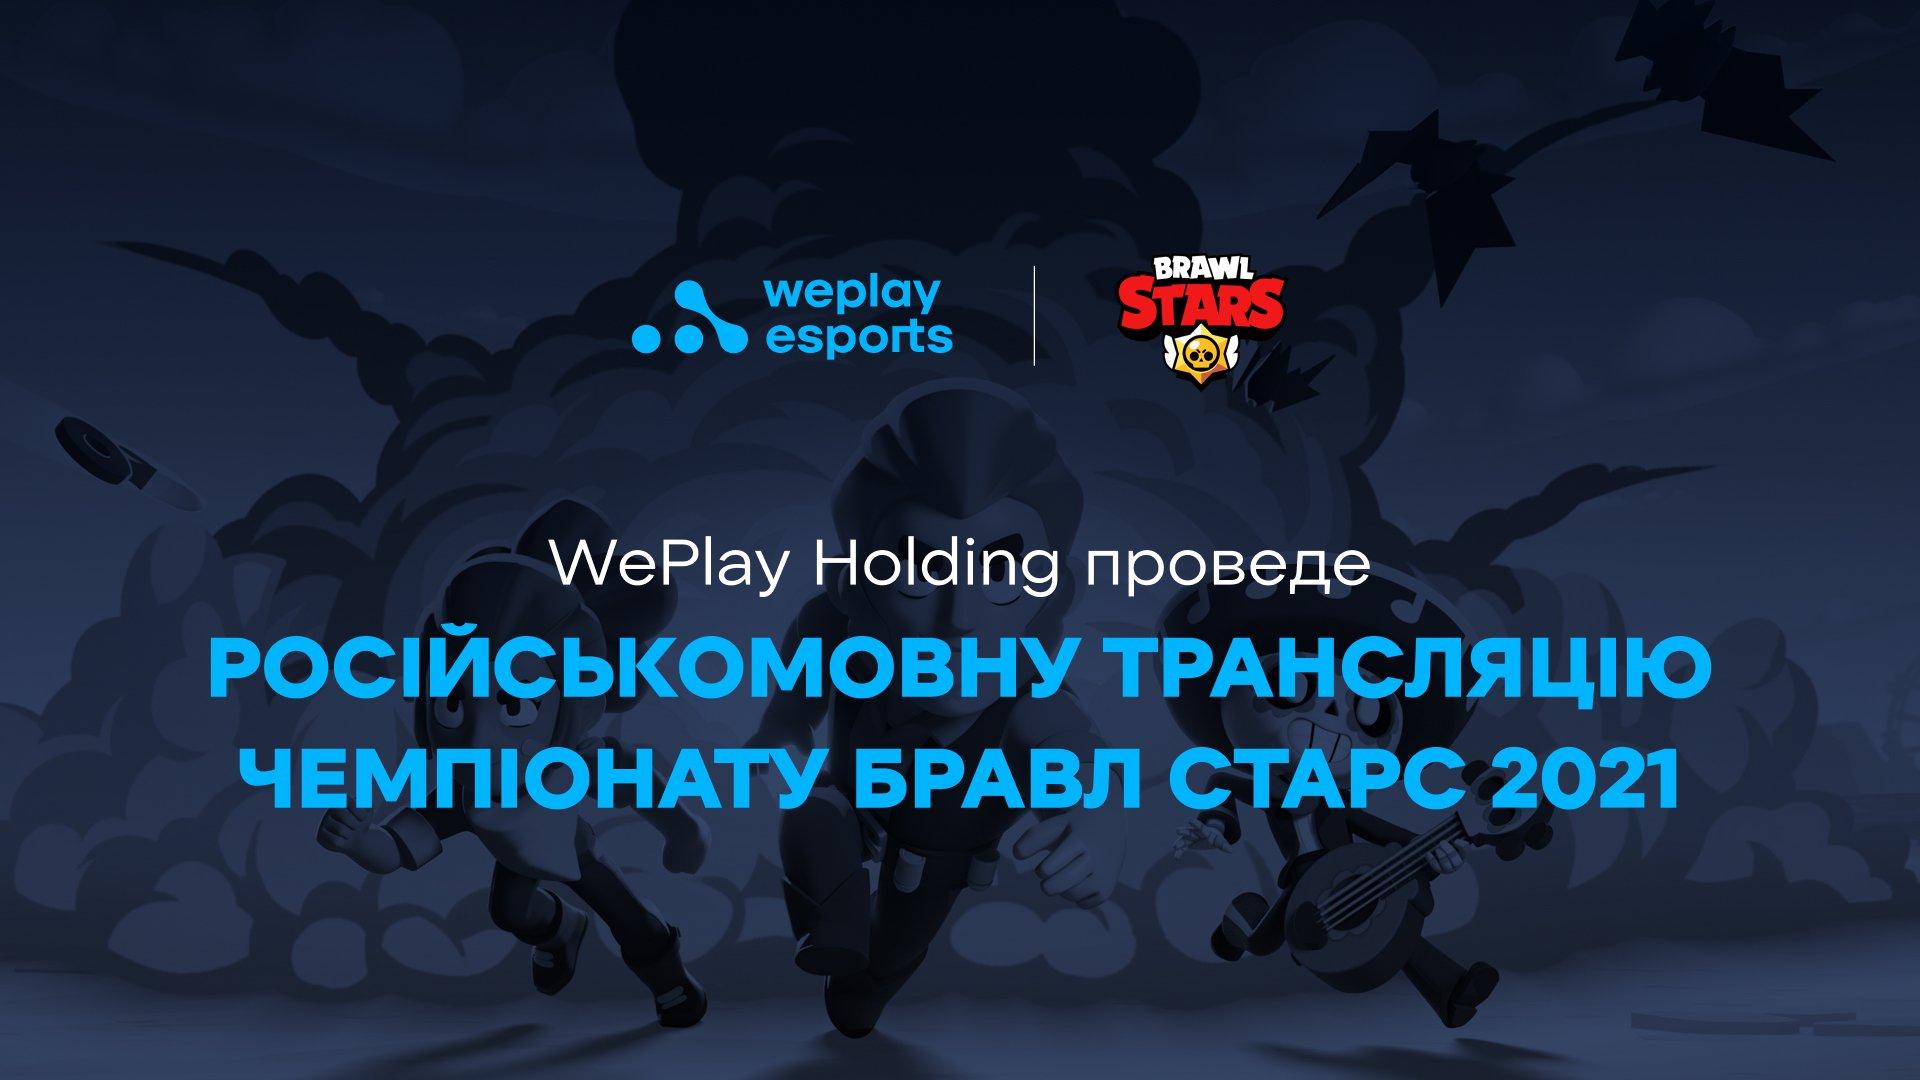 WePlay Holding проведе російськомовну трансляцію турнірів по грі Brawl Stars від Supercell. Зображення: WePlay Holding